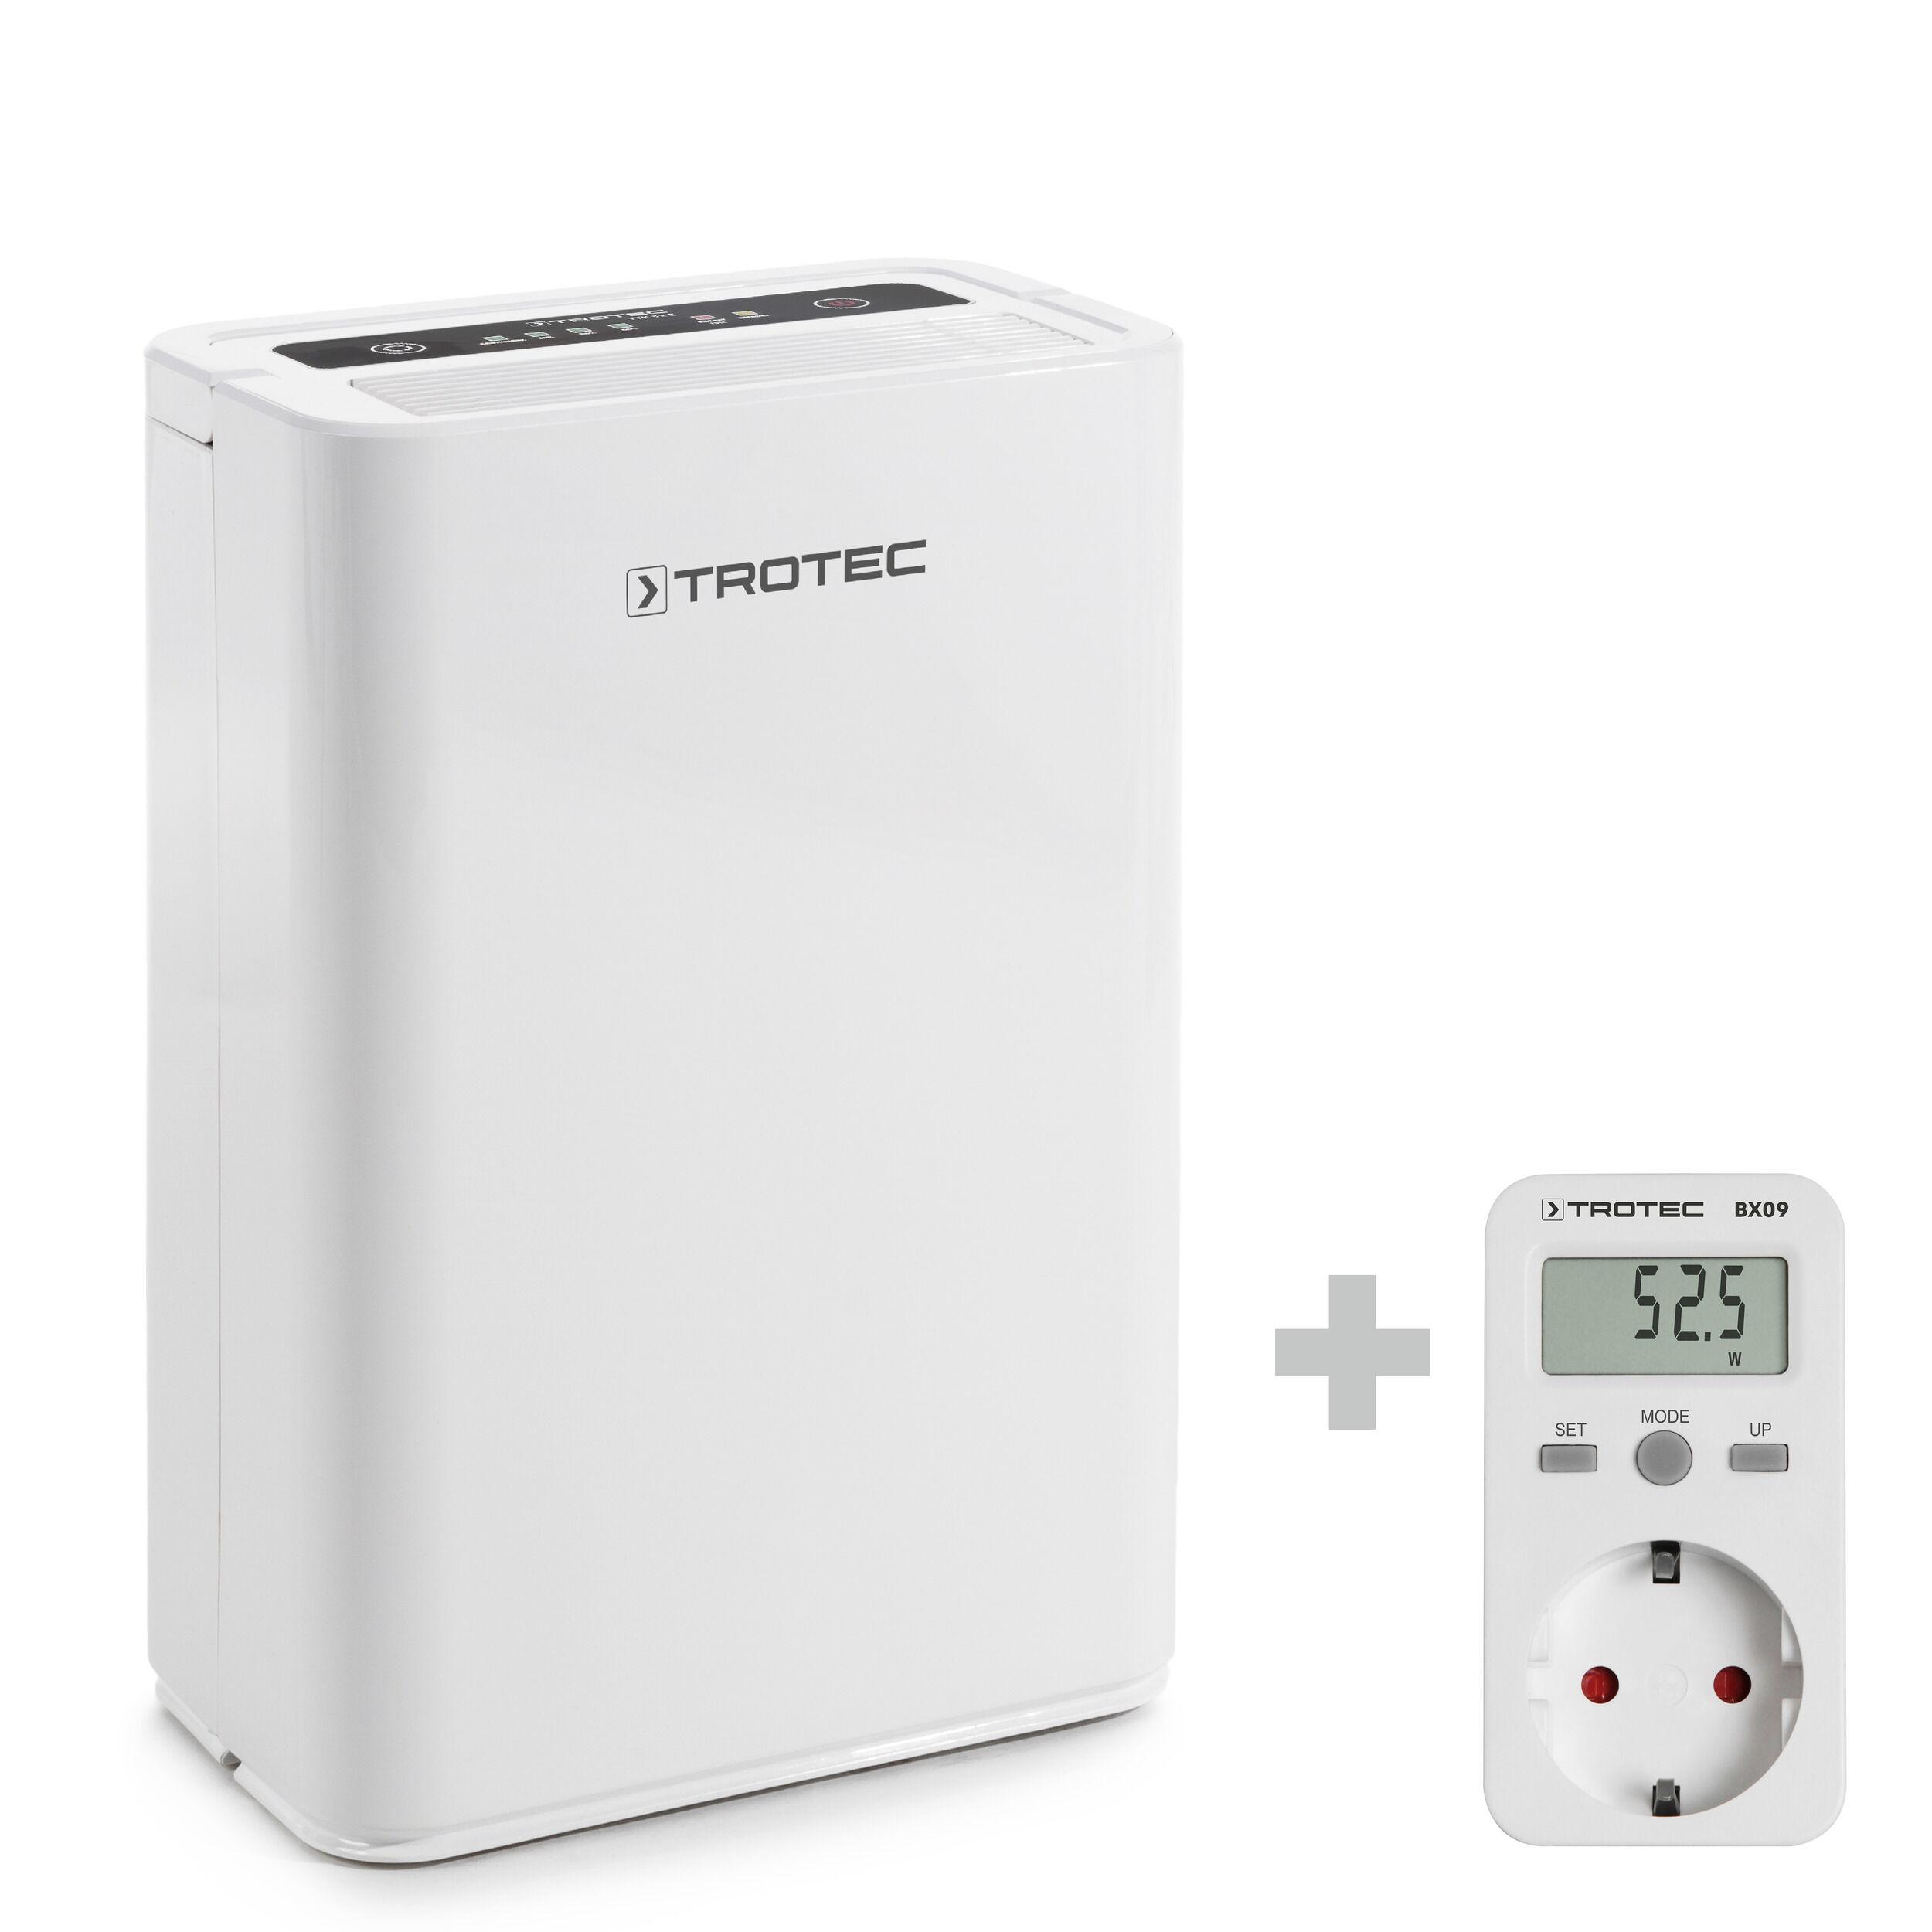 trotec deumidificatore ttk 52 e + misuratore di consumo elettrico bx09